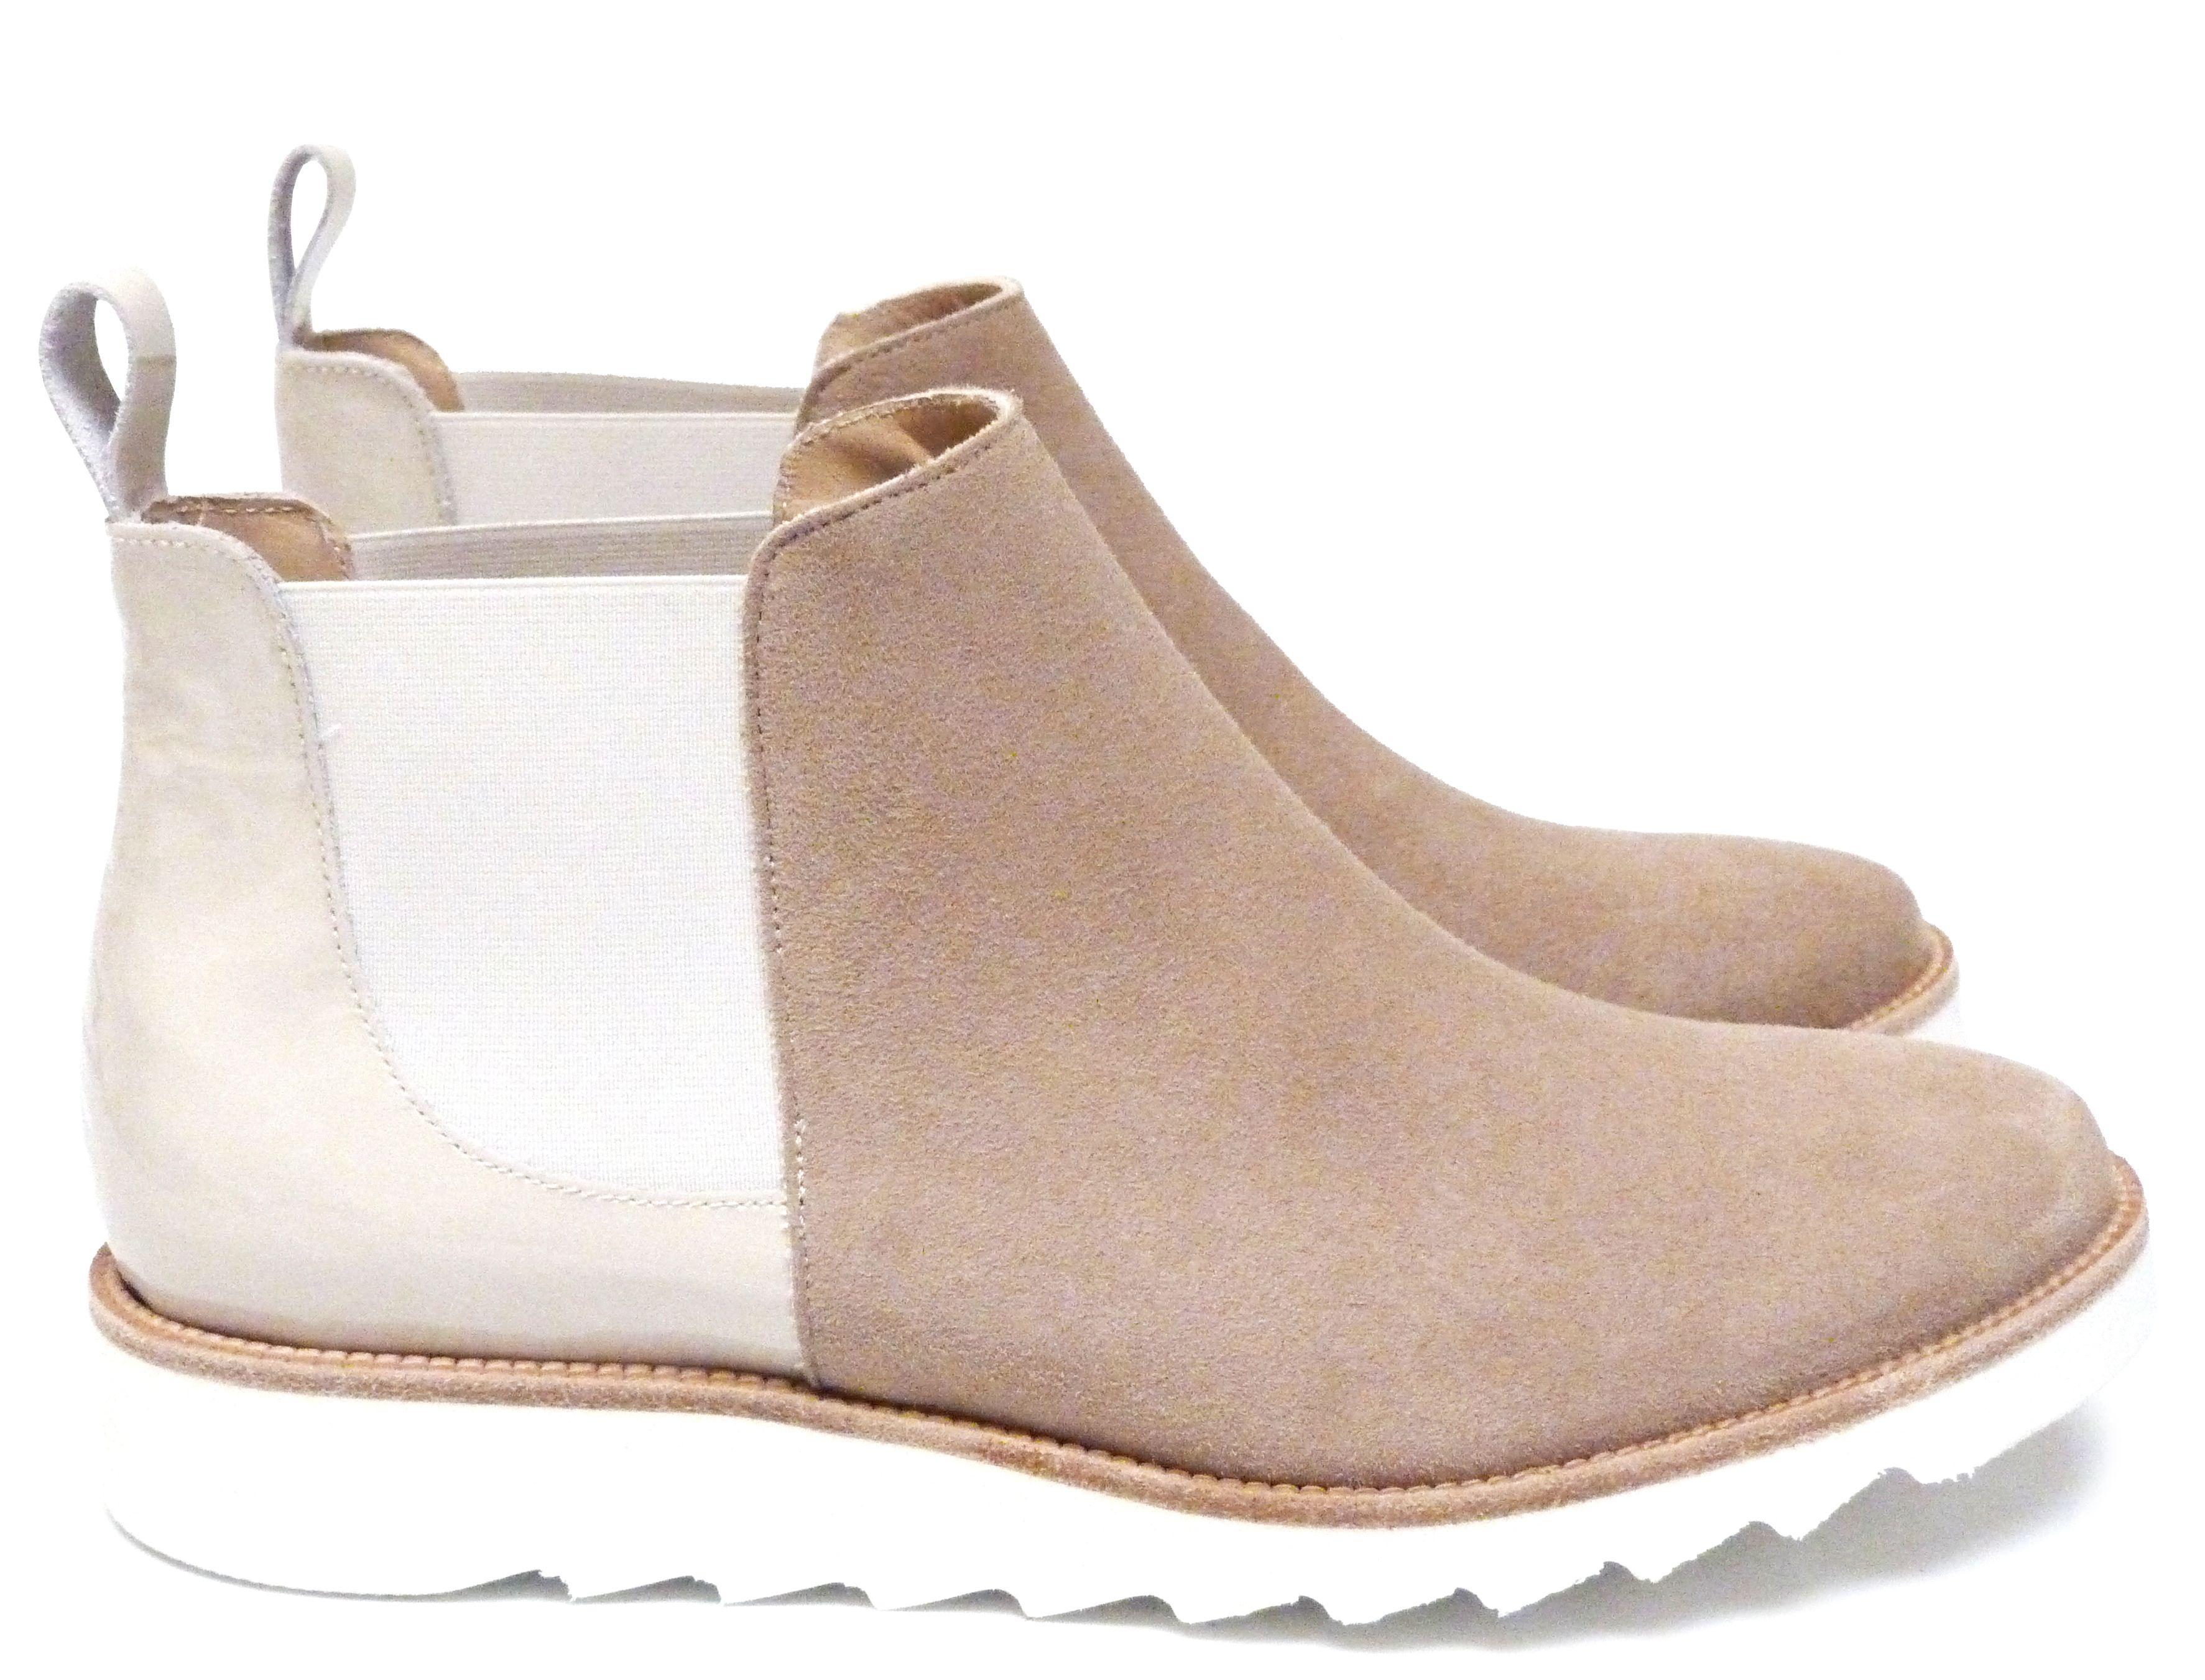 c860fad64139 Chaussures Femme Boots Printemps Eté 2015 Maurice Manufacture BRENDA Chèvre  velours sable - Verni sable